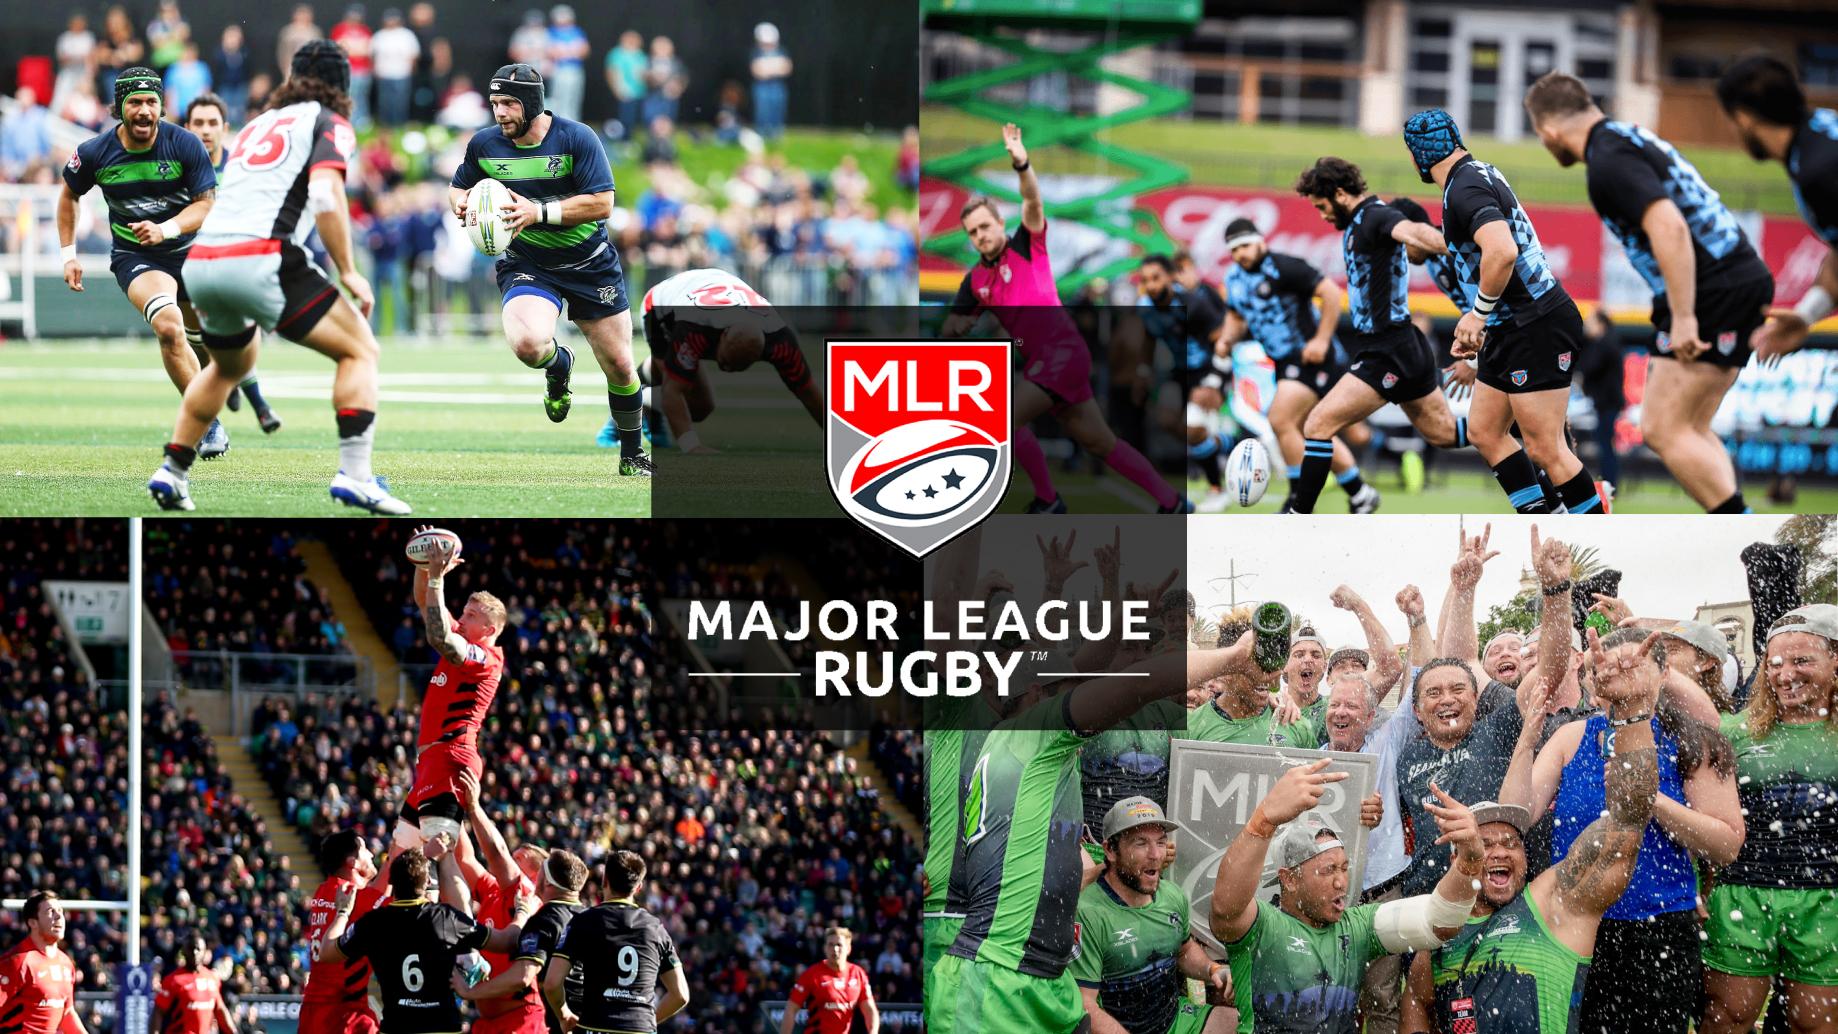 MajorLeagueRugby-TurnkeySearch.jpg